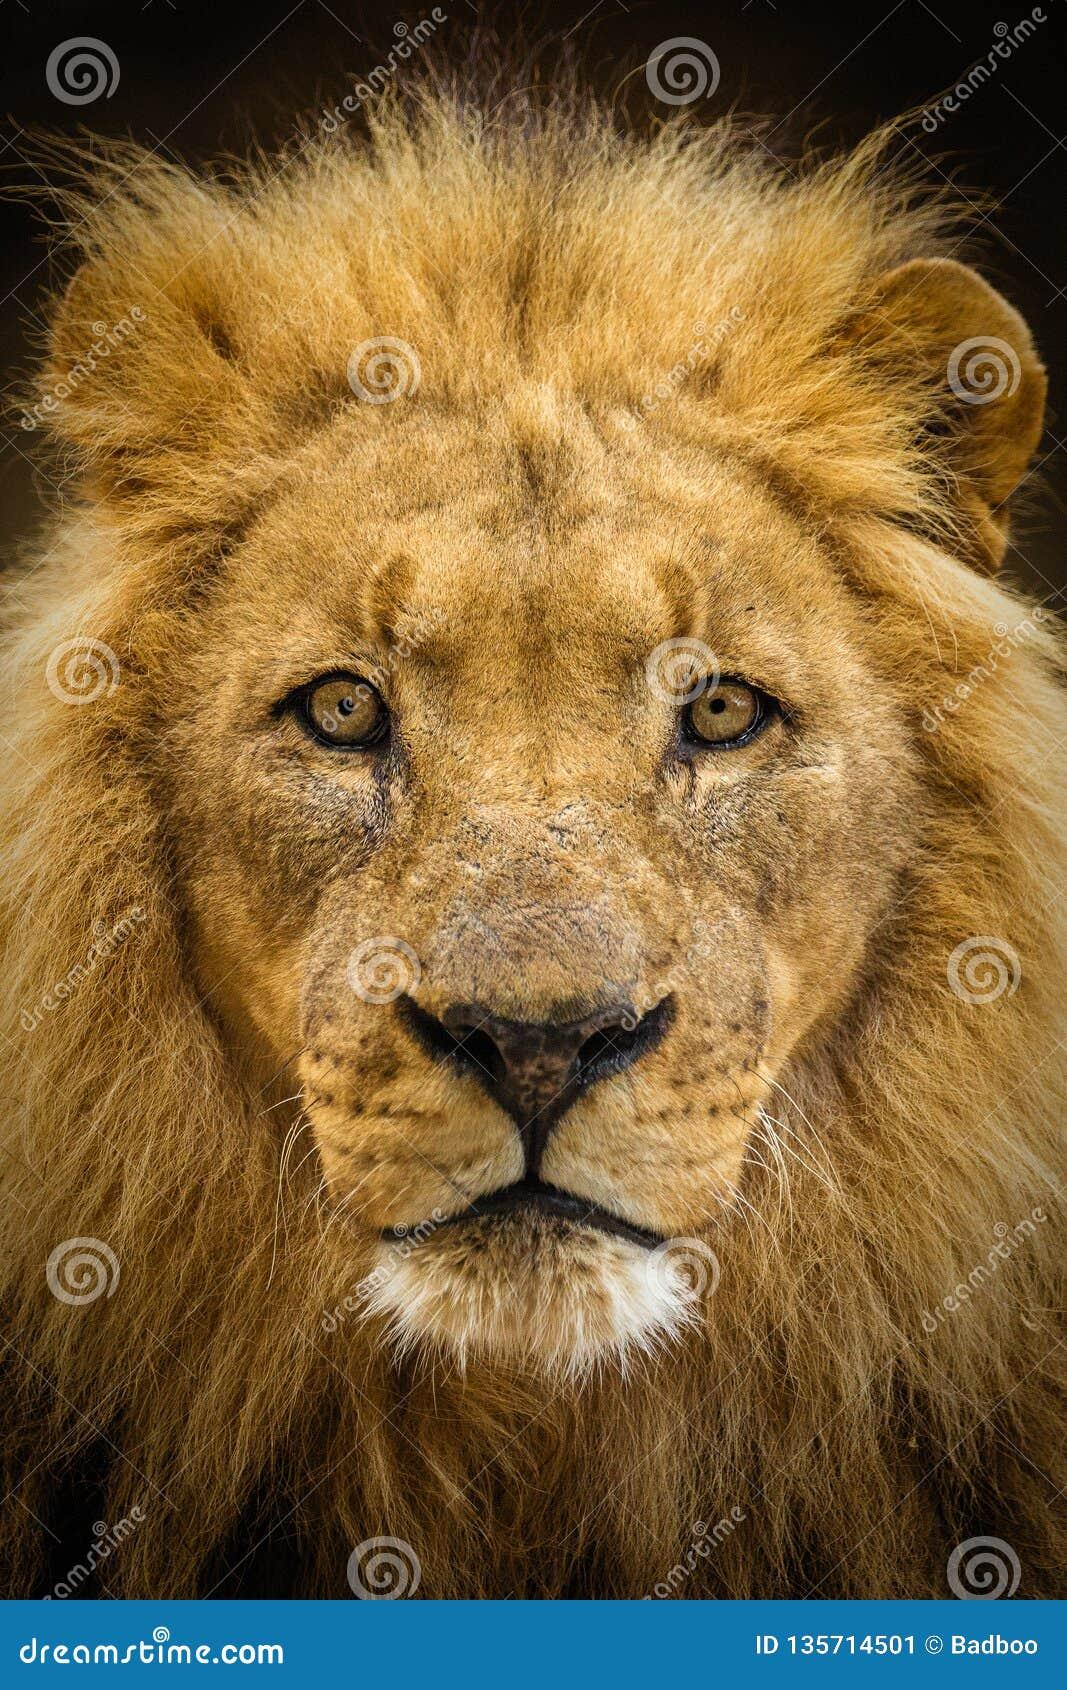 Majestic male lion portrait